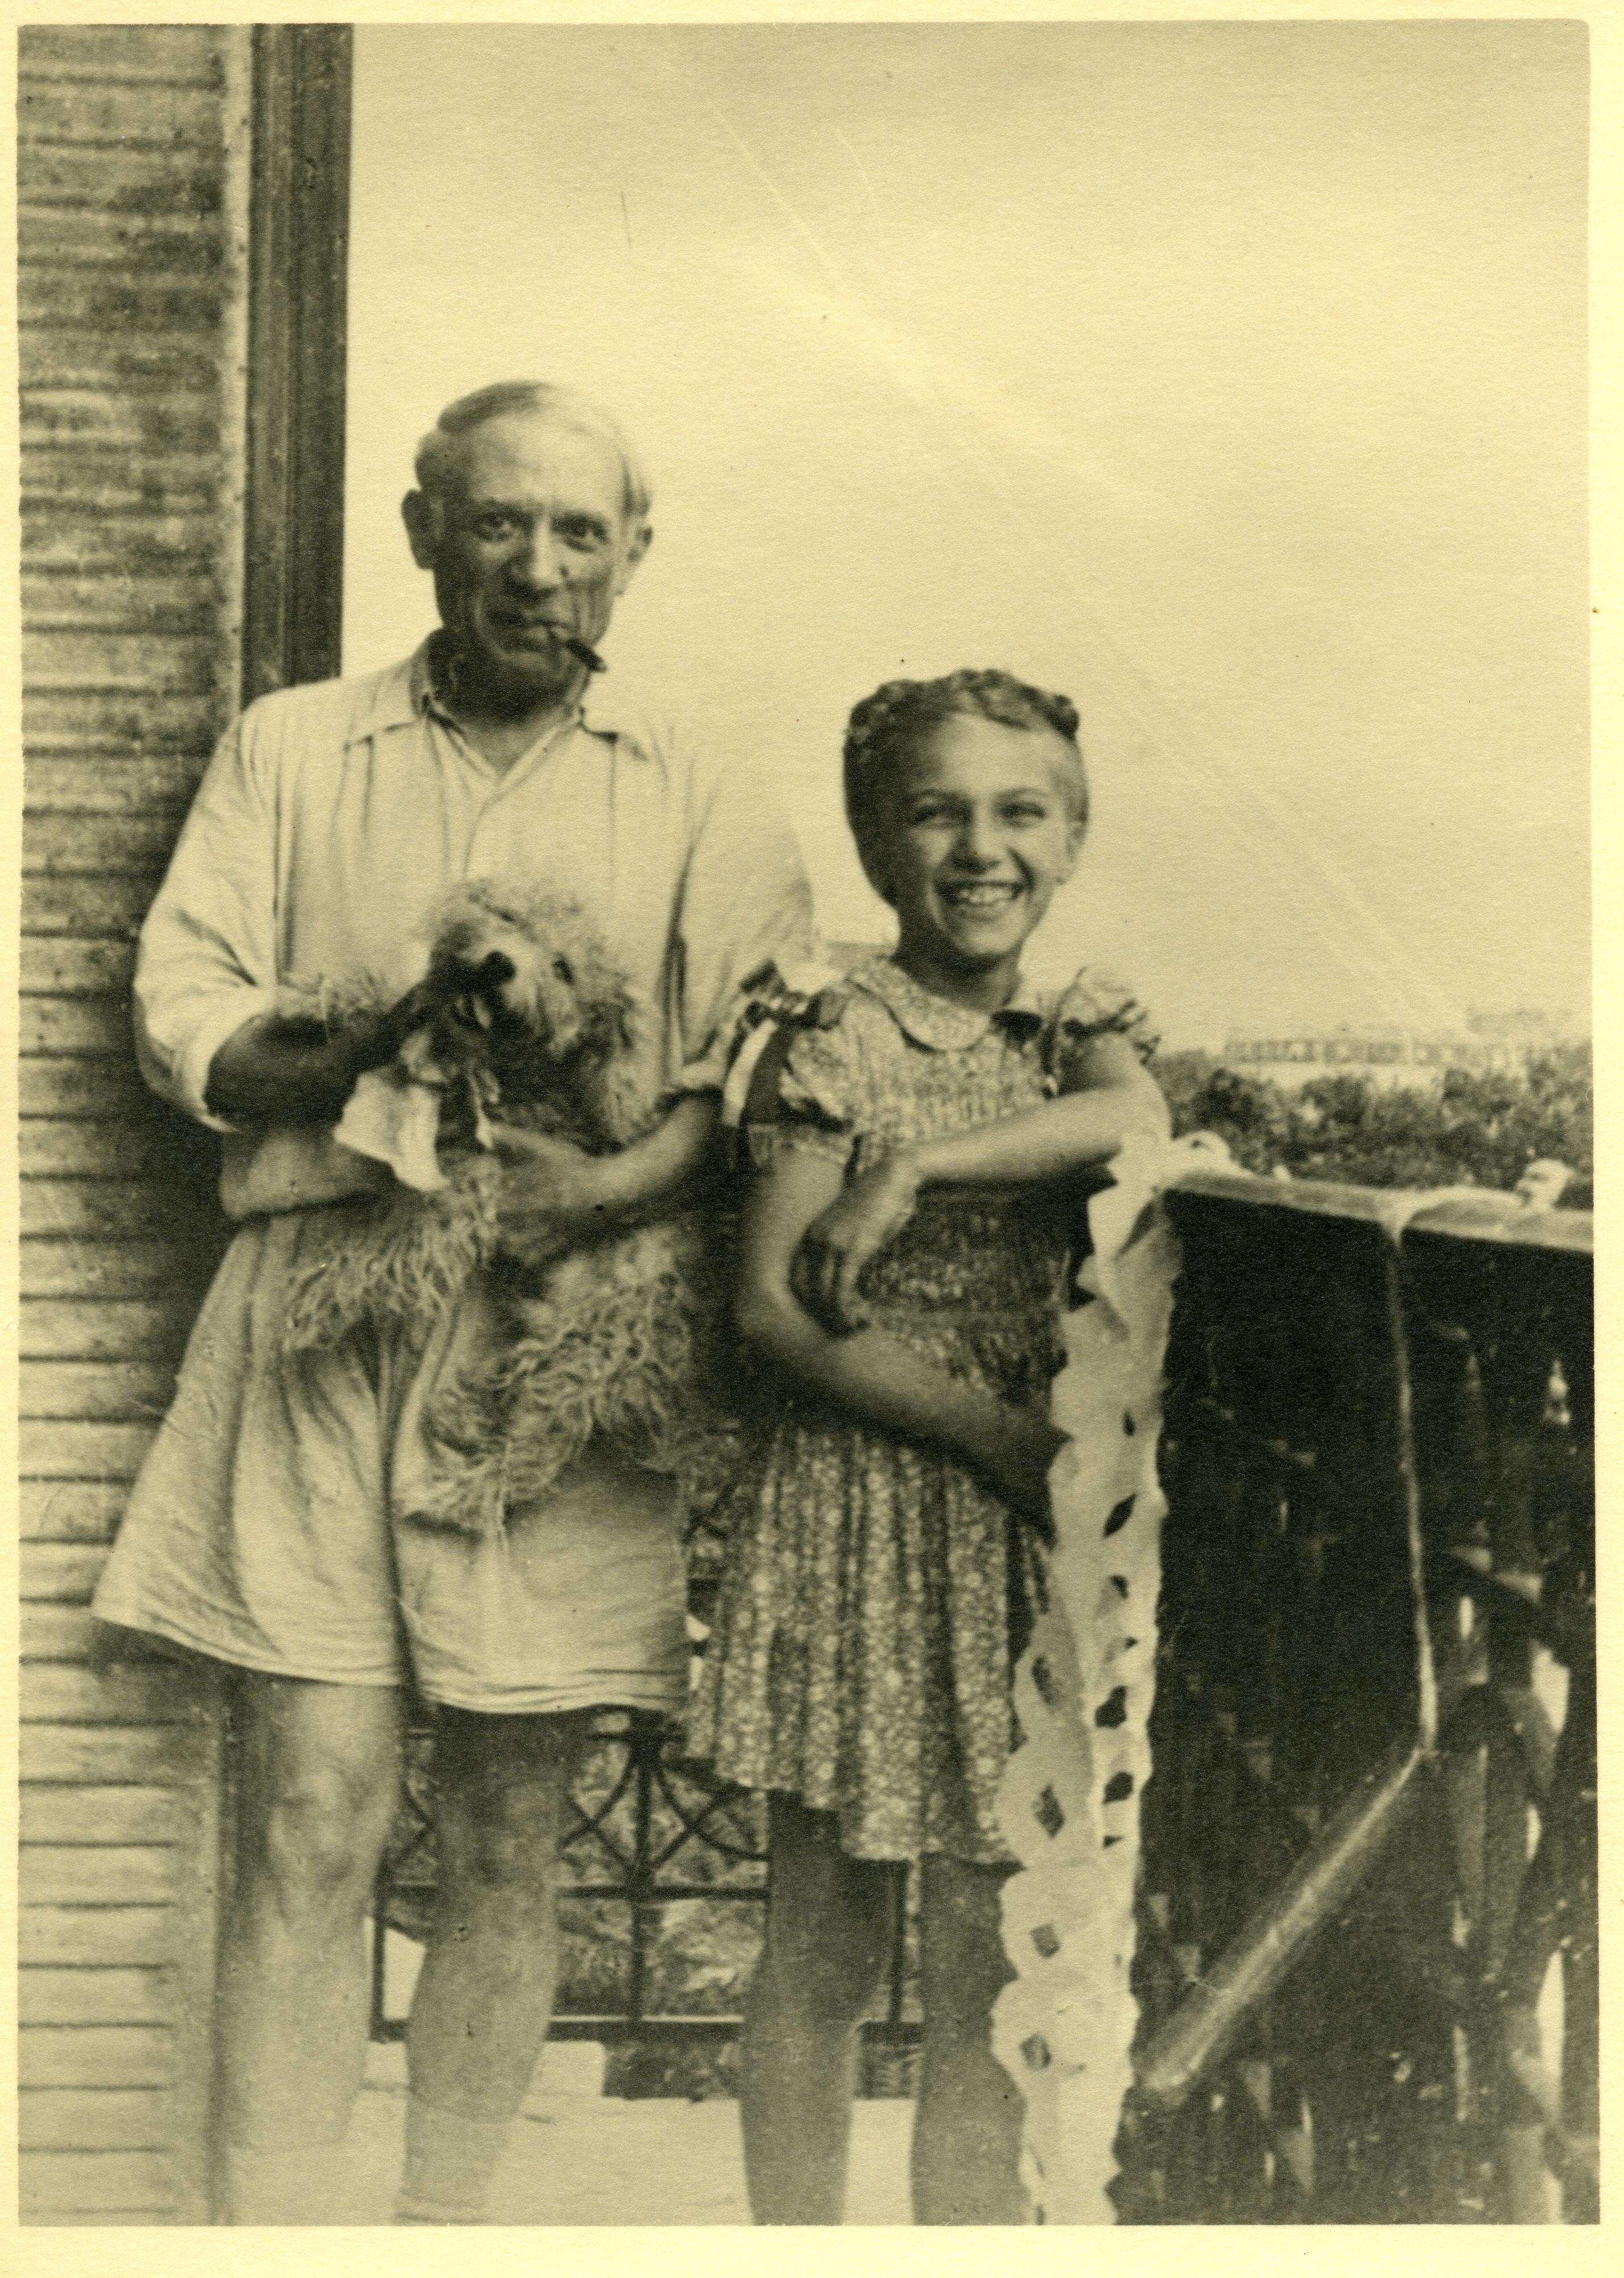 """«Ce cliché, probablement pris par Marie-Thérèse, immortalise un jour symbolique, le 25 août 1944, alors que Paris est enfin libérée, sur le balcon de l'appartement du boulevard Henri IV. Malgré sa liaison avec Dora Maar, Picasso venait souvent rendre visite à Marie-Thérèse et Maya, soucieux de préserver sa vie de famille et de passer du temps avec sa fille. Un mois plus tôt, il écrivait à Marie-Thérèse à l'occasion de son anniversaire : """"MTW aujourd'hui 13 juillet 1944 est le 17e anniversaire de ta naissance en moi, et le double de ta naissance à toi dans ce monde où, t'ayant rencontré, j'ai commencé à vivre"""", un précieux témoignage de l'amour qu'il lui portait.»"""